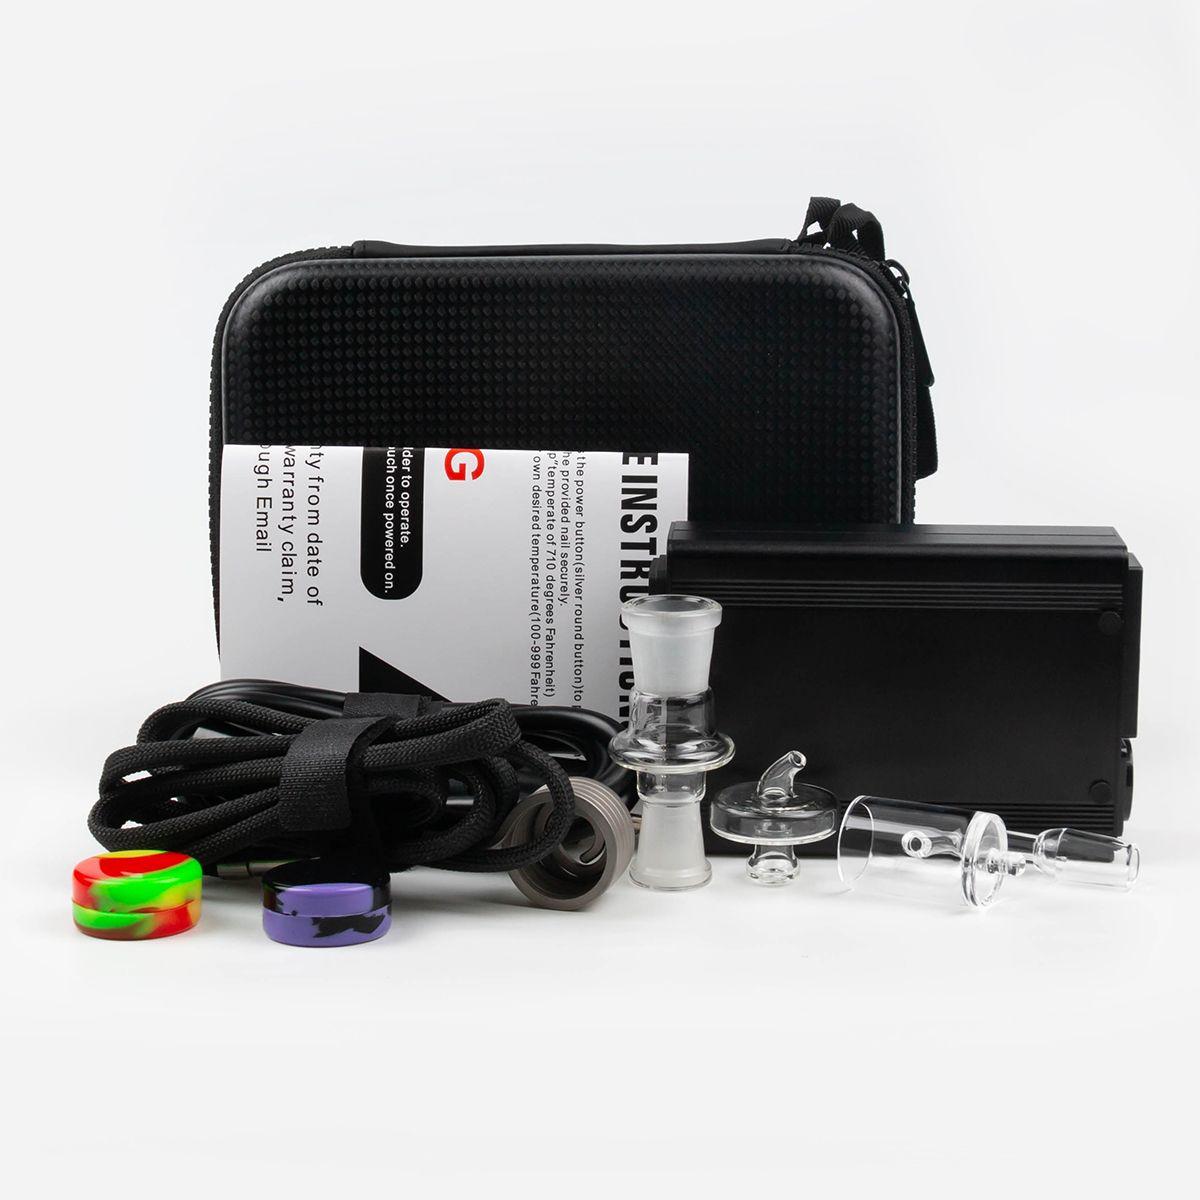 Narghilli e unghie kit di chiodo PID elettrico scatola di controllo della temperatura 110V 100W riscaldatore bobina Banger vetro adattatore DAB penna penna riga